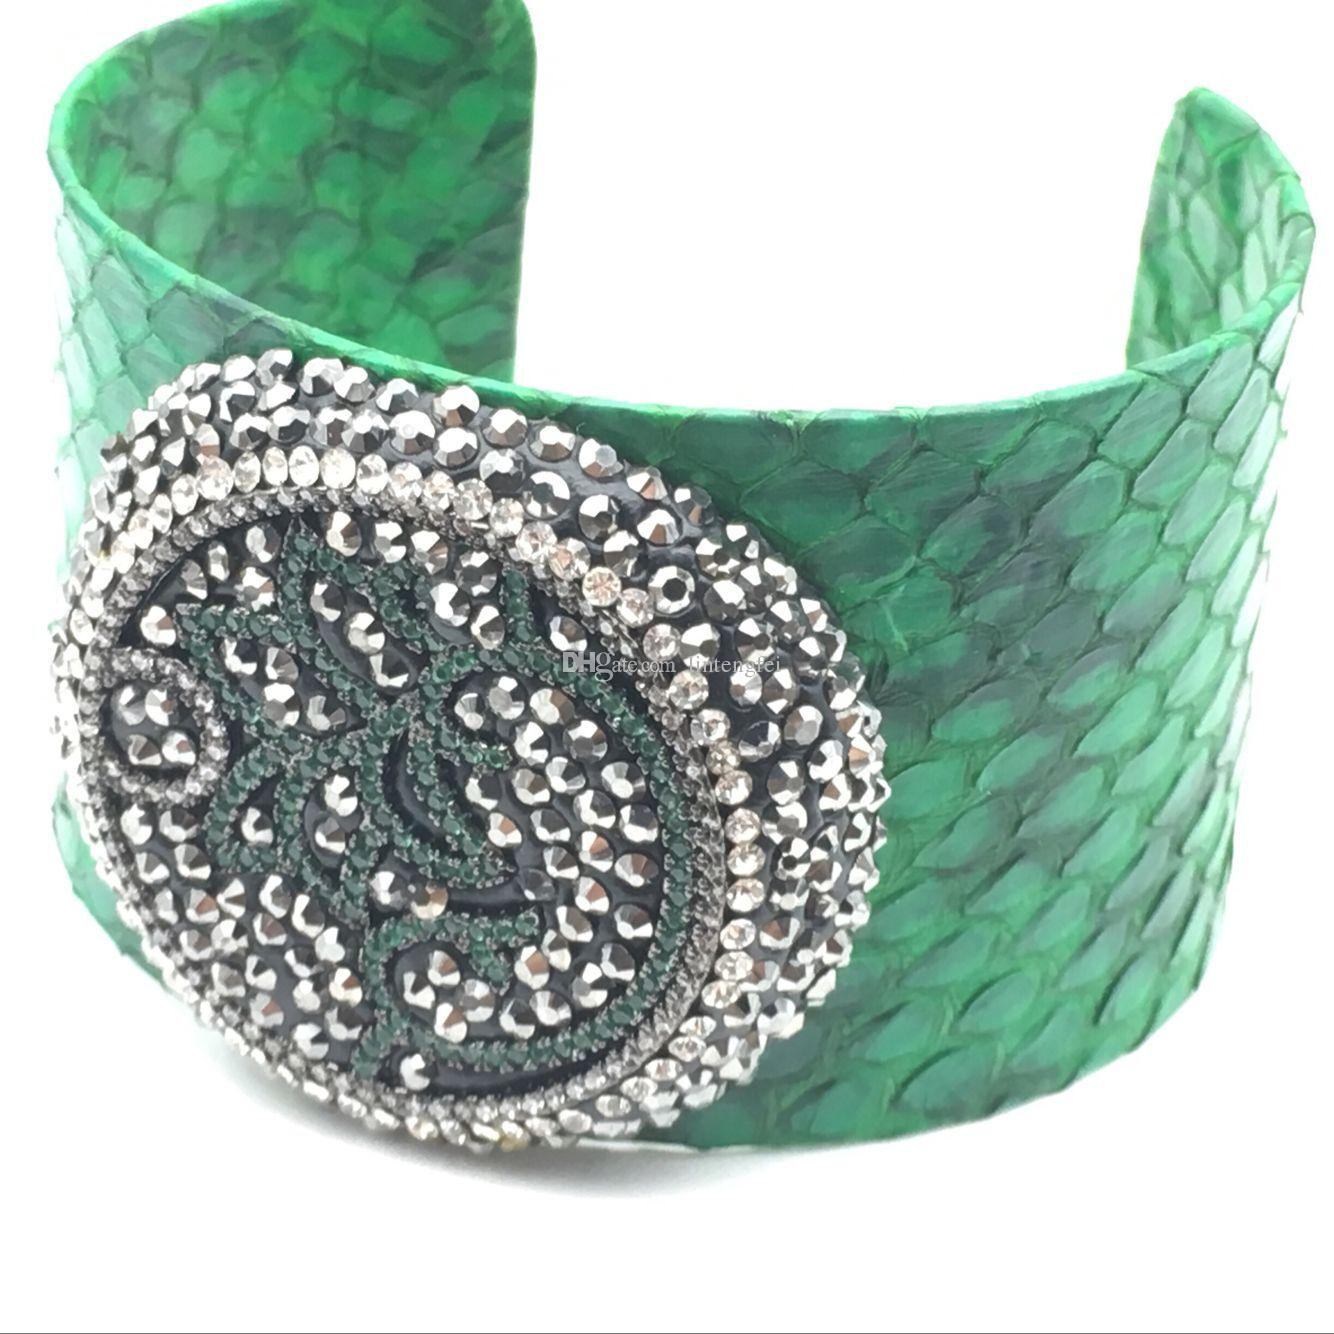 Rosa blu verde pelle di serpente 30 centimetri ampia bracciali polsini di alta qualità le donne gioielli uomini braccialetto con zirconi colorati